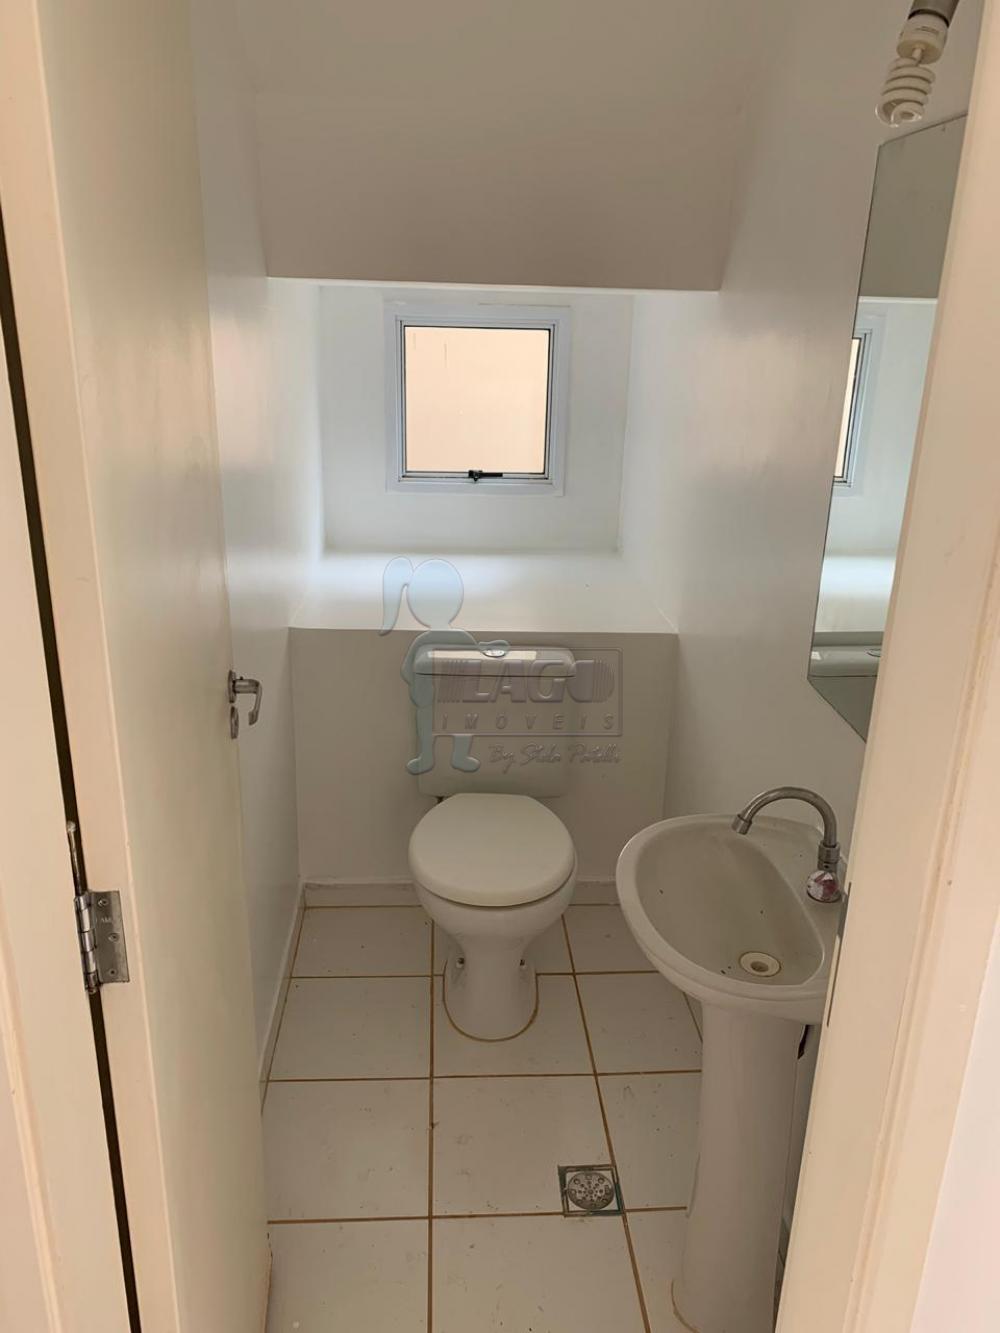 Comprar Casas / Condomínio em Ribeirão Preto apenas R$ 460.000,00 - Foto 15